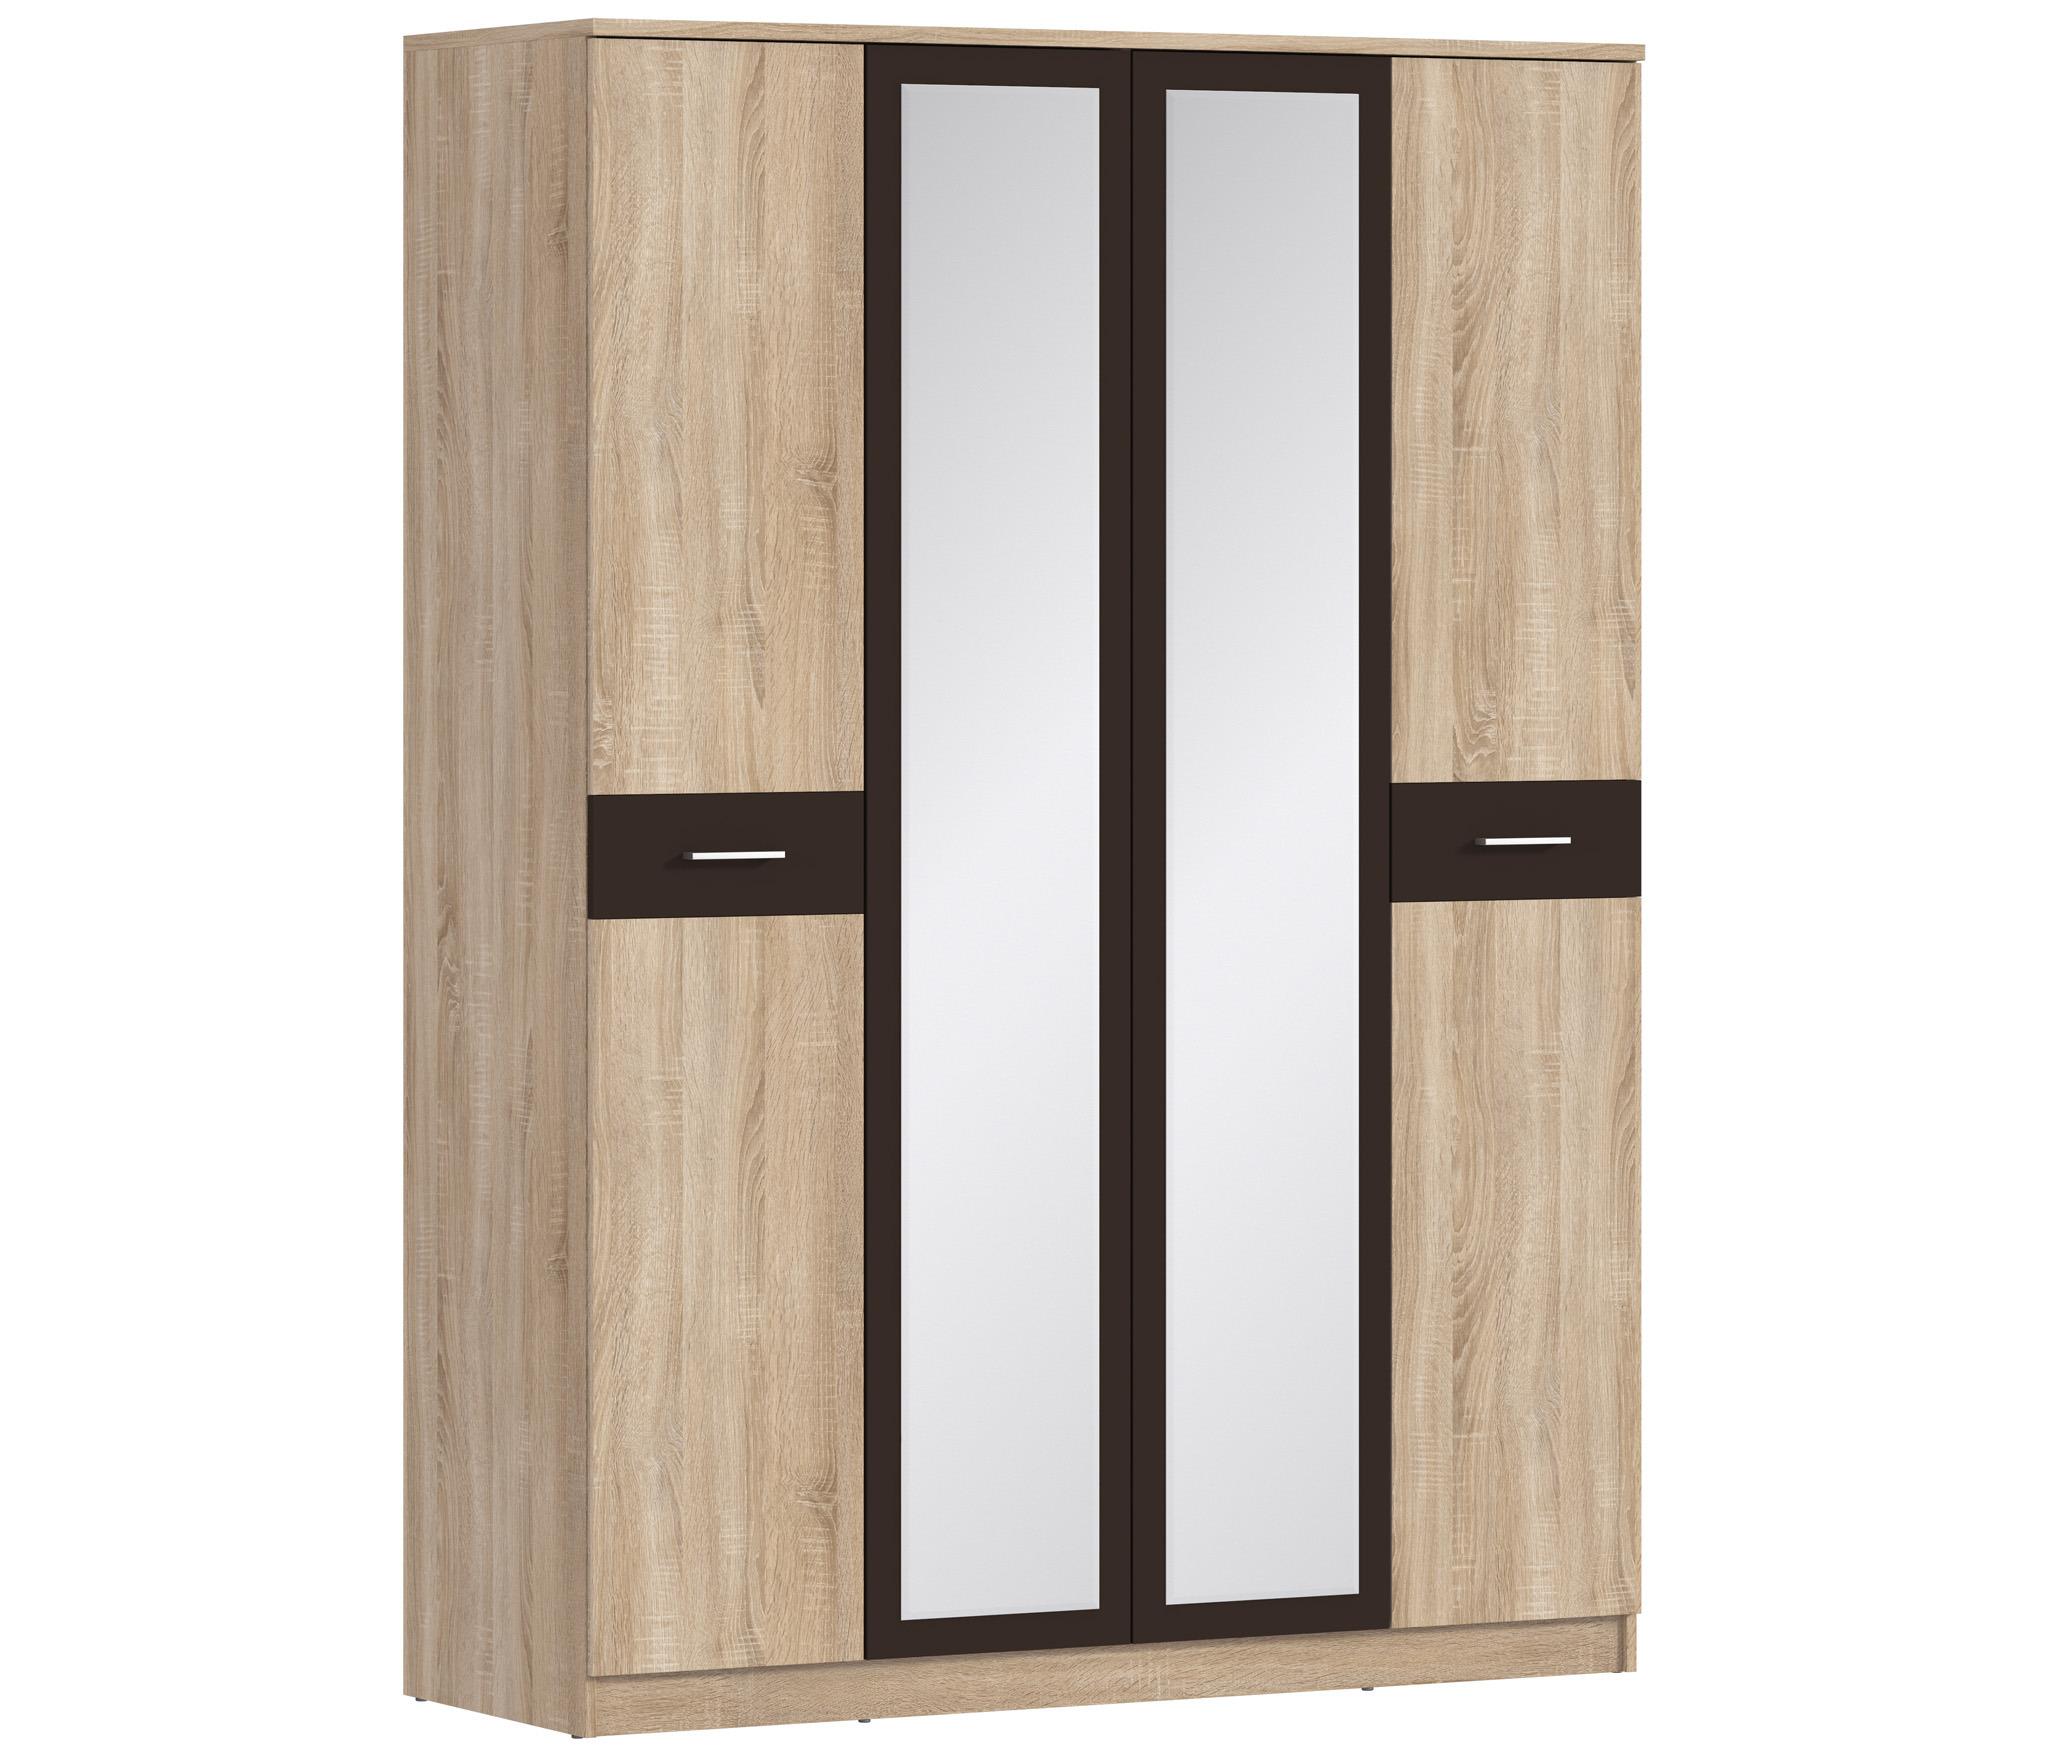 Клео СБ-2006 Шкаф 4-х дверный с зеркаламиШкафы<br>4-х дверный шкаф Клео СБ-20006 с двум зеркалами выполненный из прочных и износостойких листов МДФ, которые гарантируют Вам высокий срок службы.<br><br>Длина мм: 1600<br>Высота мм: 2226<br>Глубина мм: 579